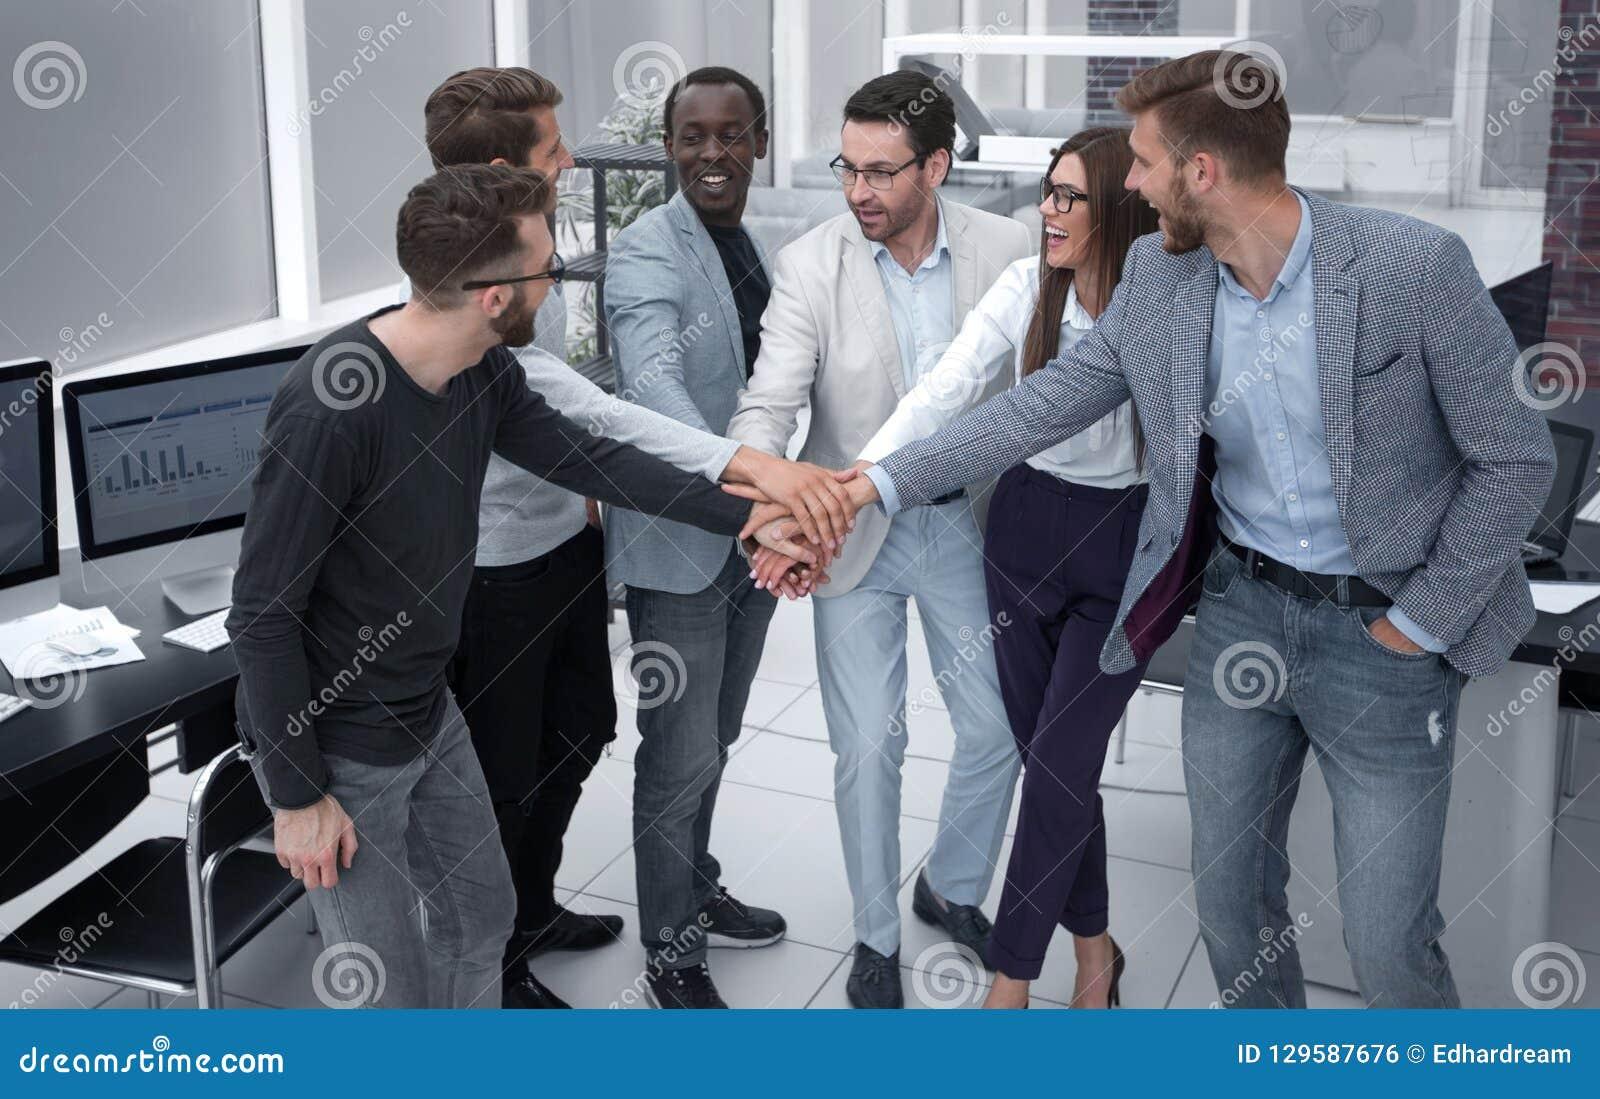 Gruppo amichevole di affari che un le loro mani